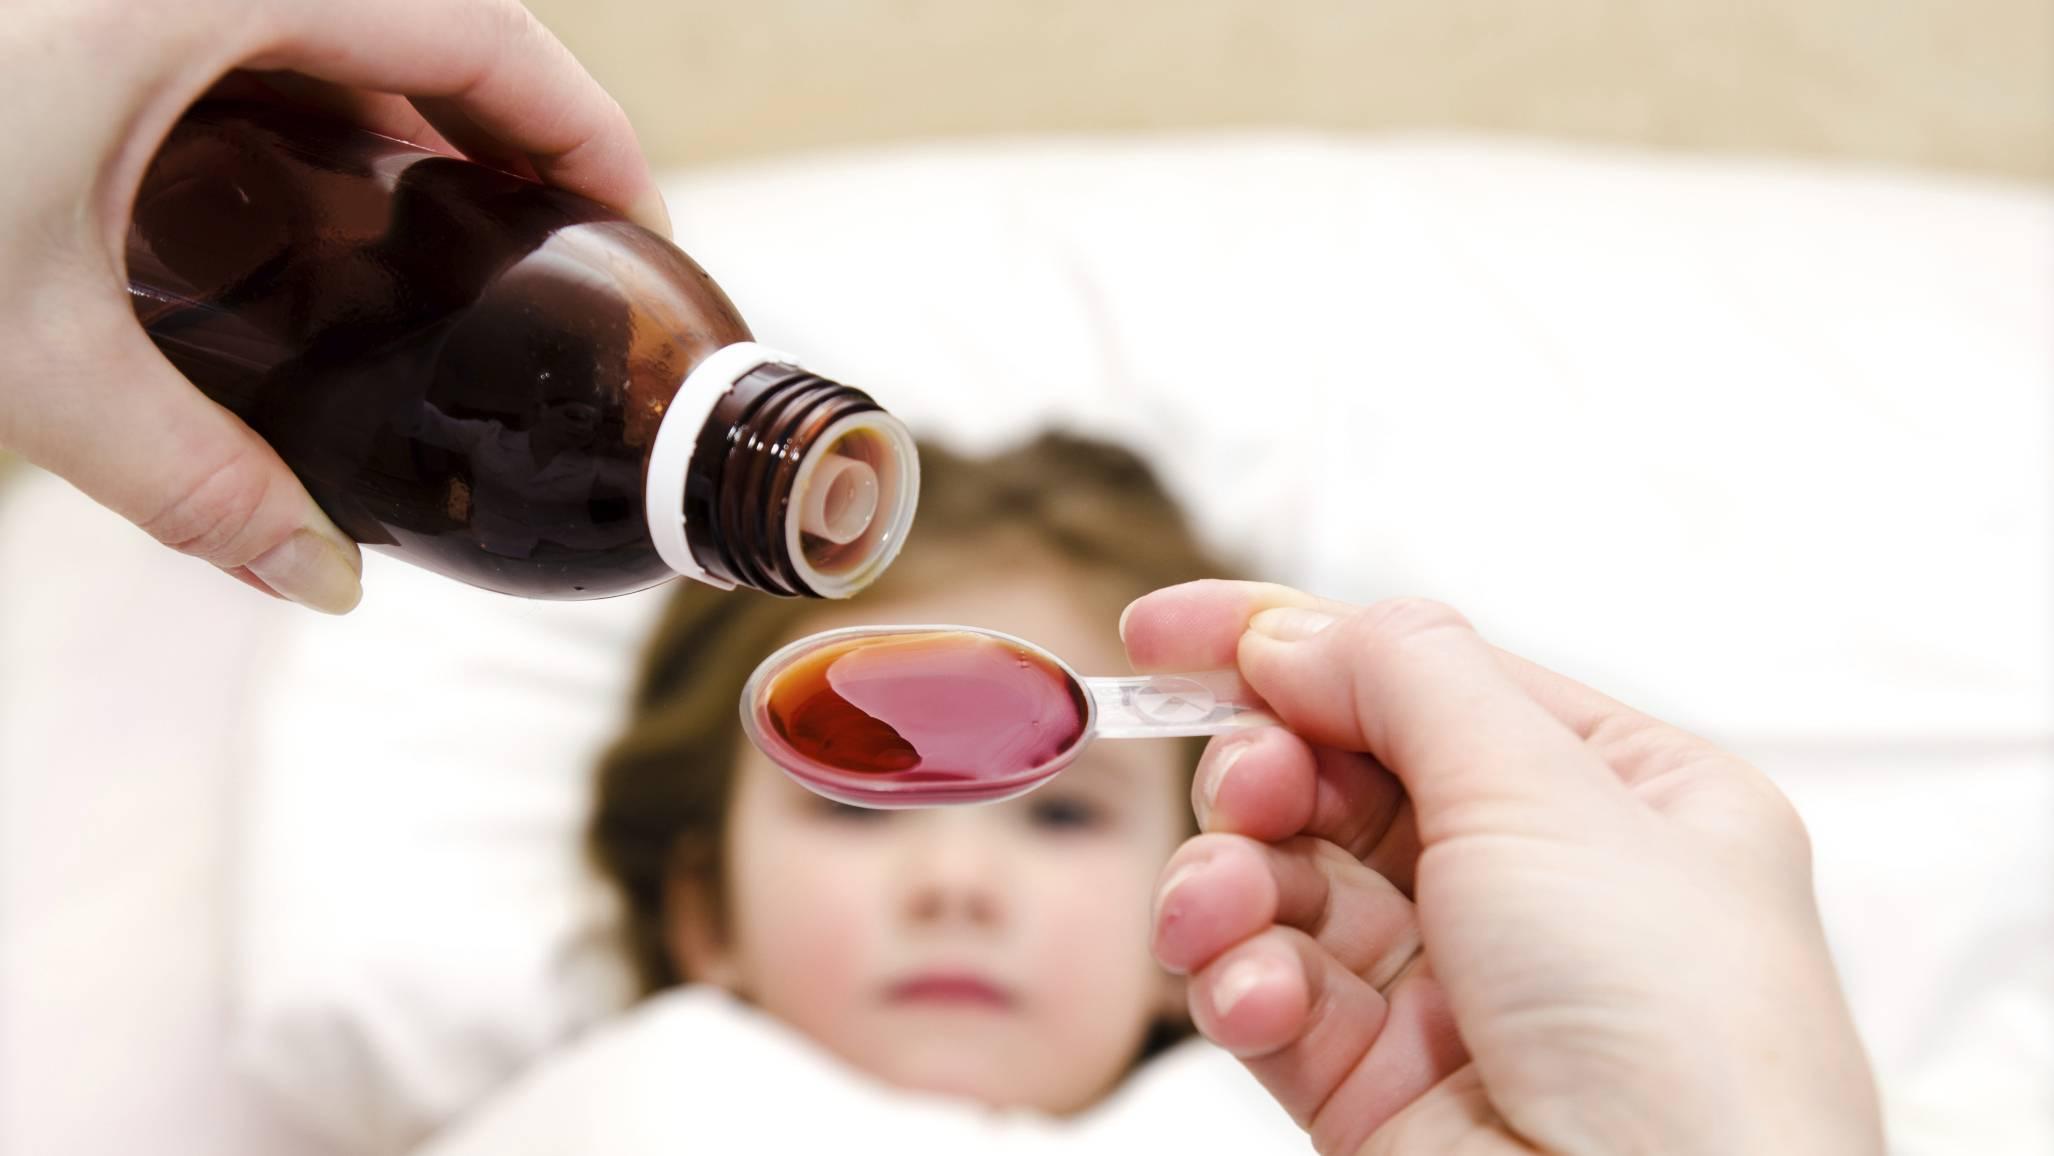 چرا بعضی از کودکانبیشتر بیمار می شوند ؟